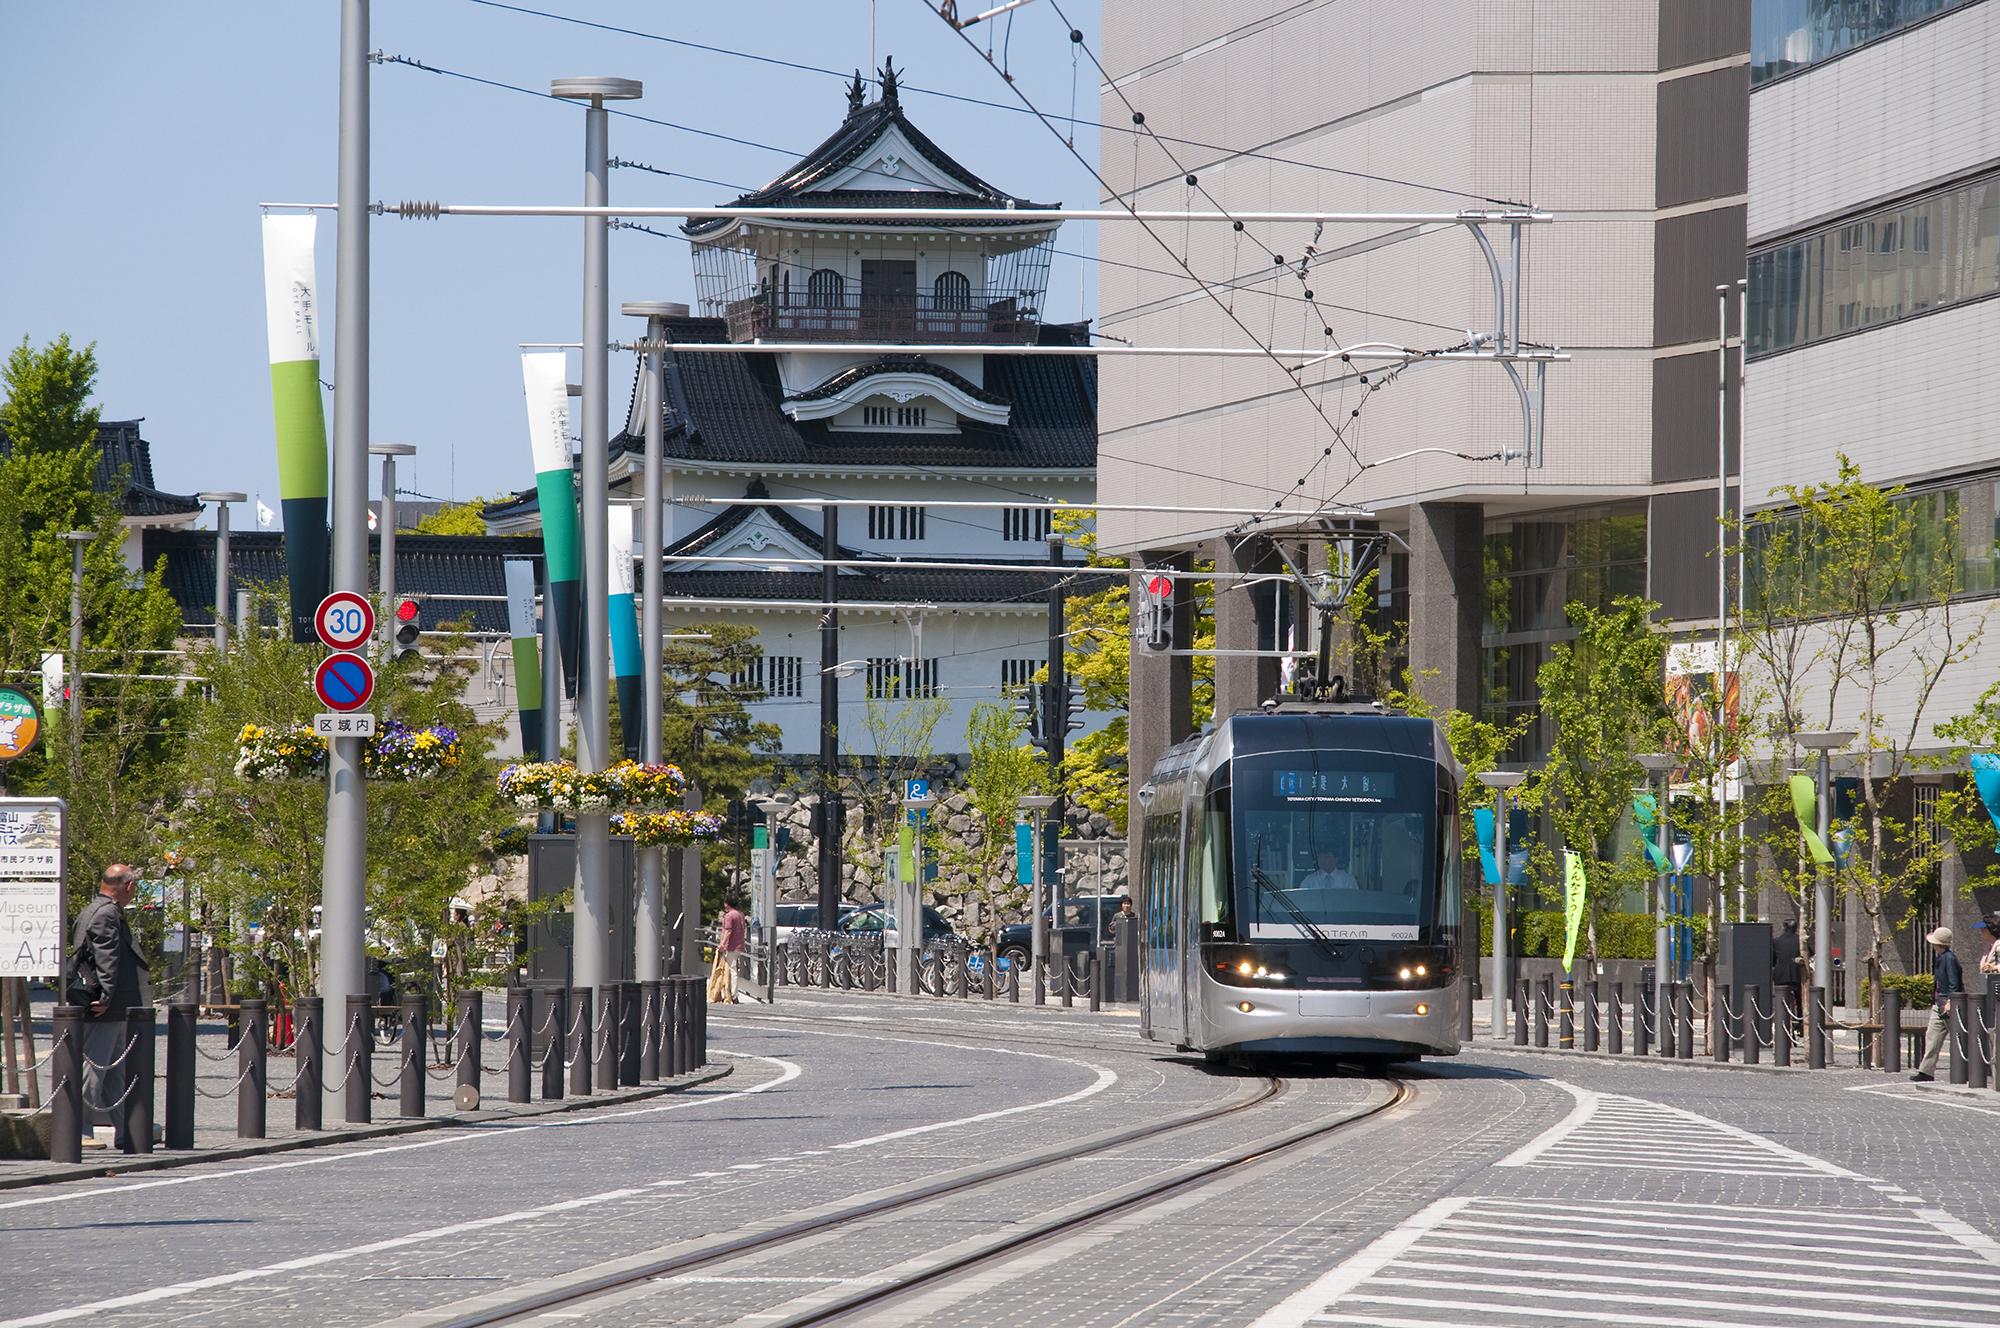 2016年 優秀賞 富山市 市内電車環状線 | 土木学会デザイン賞